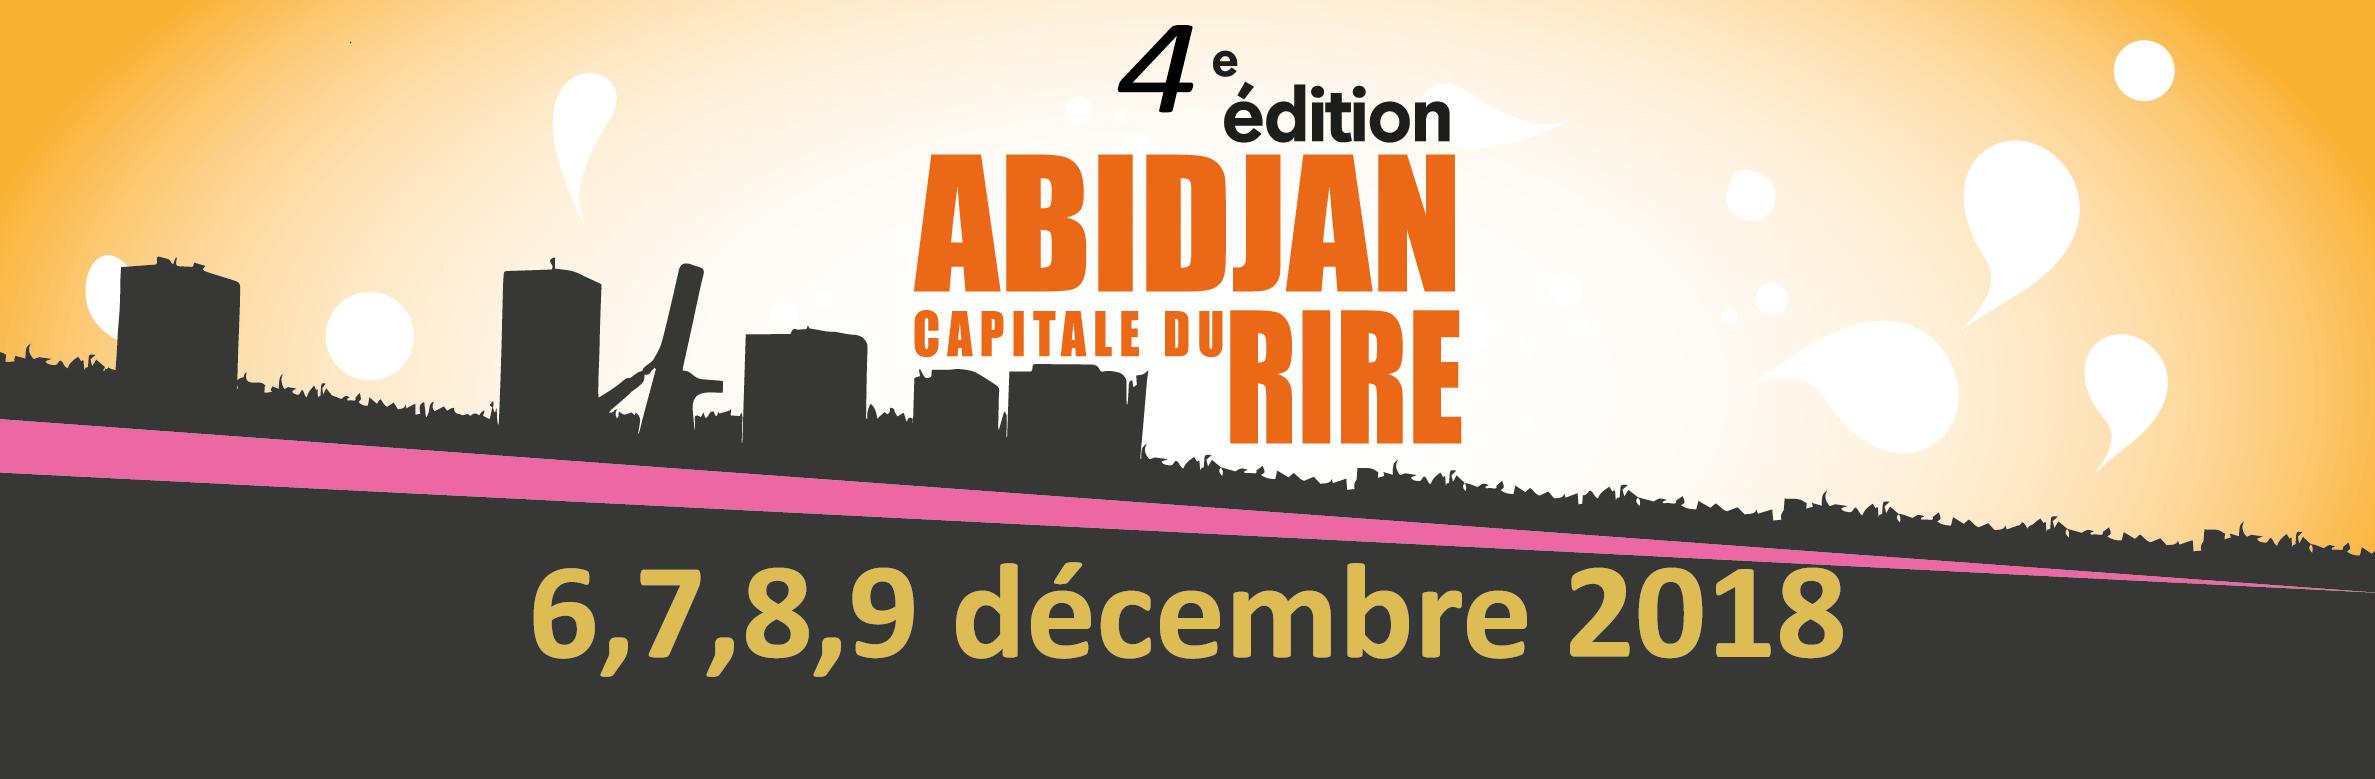 """Résultat de recherche d'images pour """"4ème édition de la Capitale du rire à Abidjan"""""""